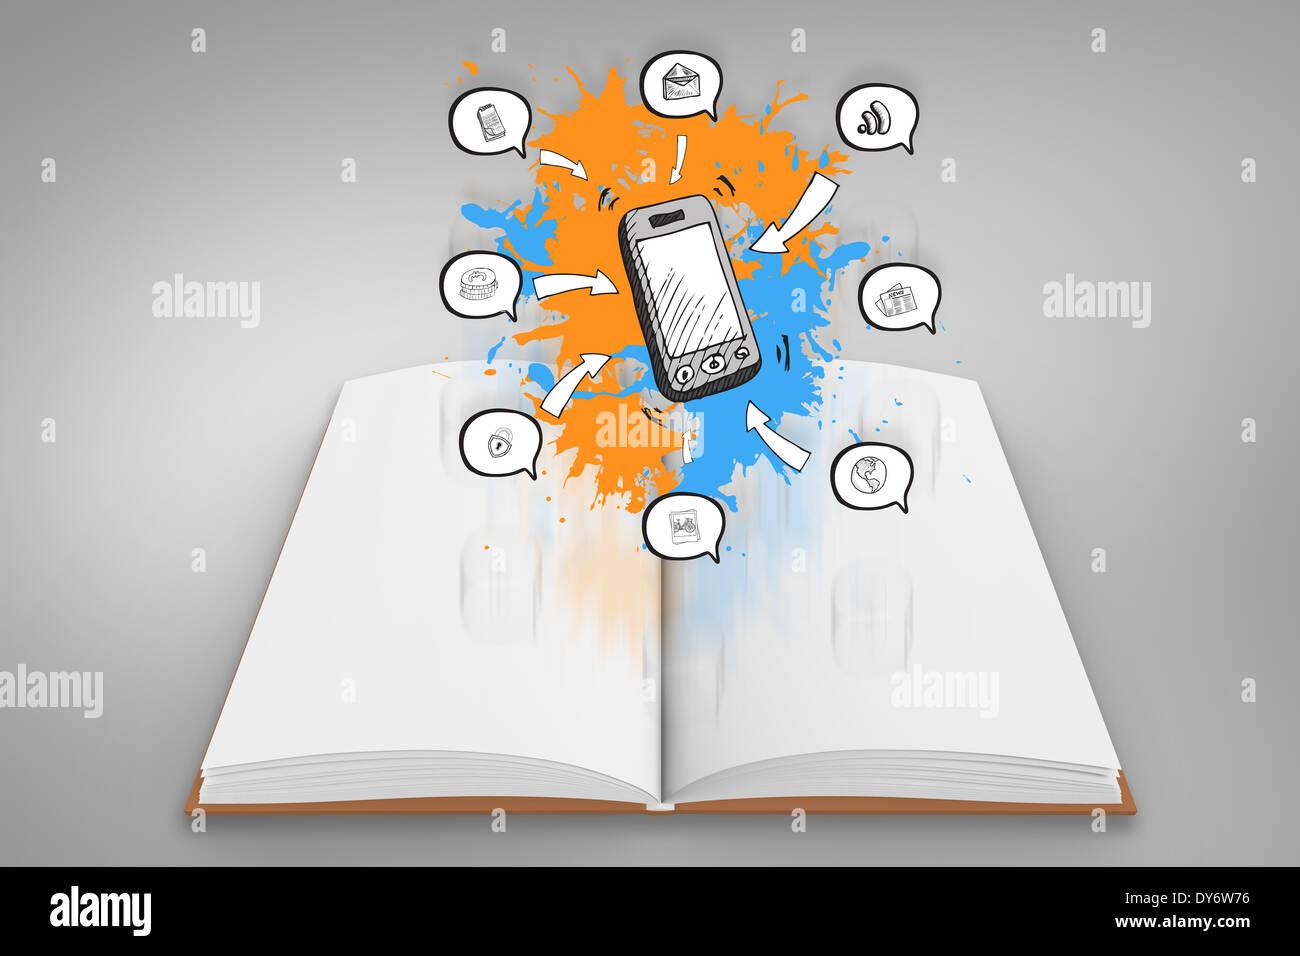 Imagen compuesta de aplicaciones en smartphones de salpicaduras de pintura sobre libro abierto Imagen De Stock